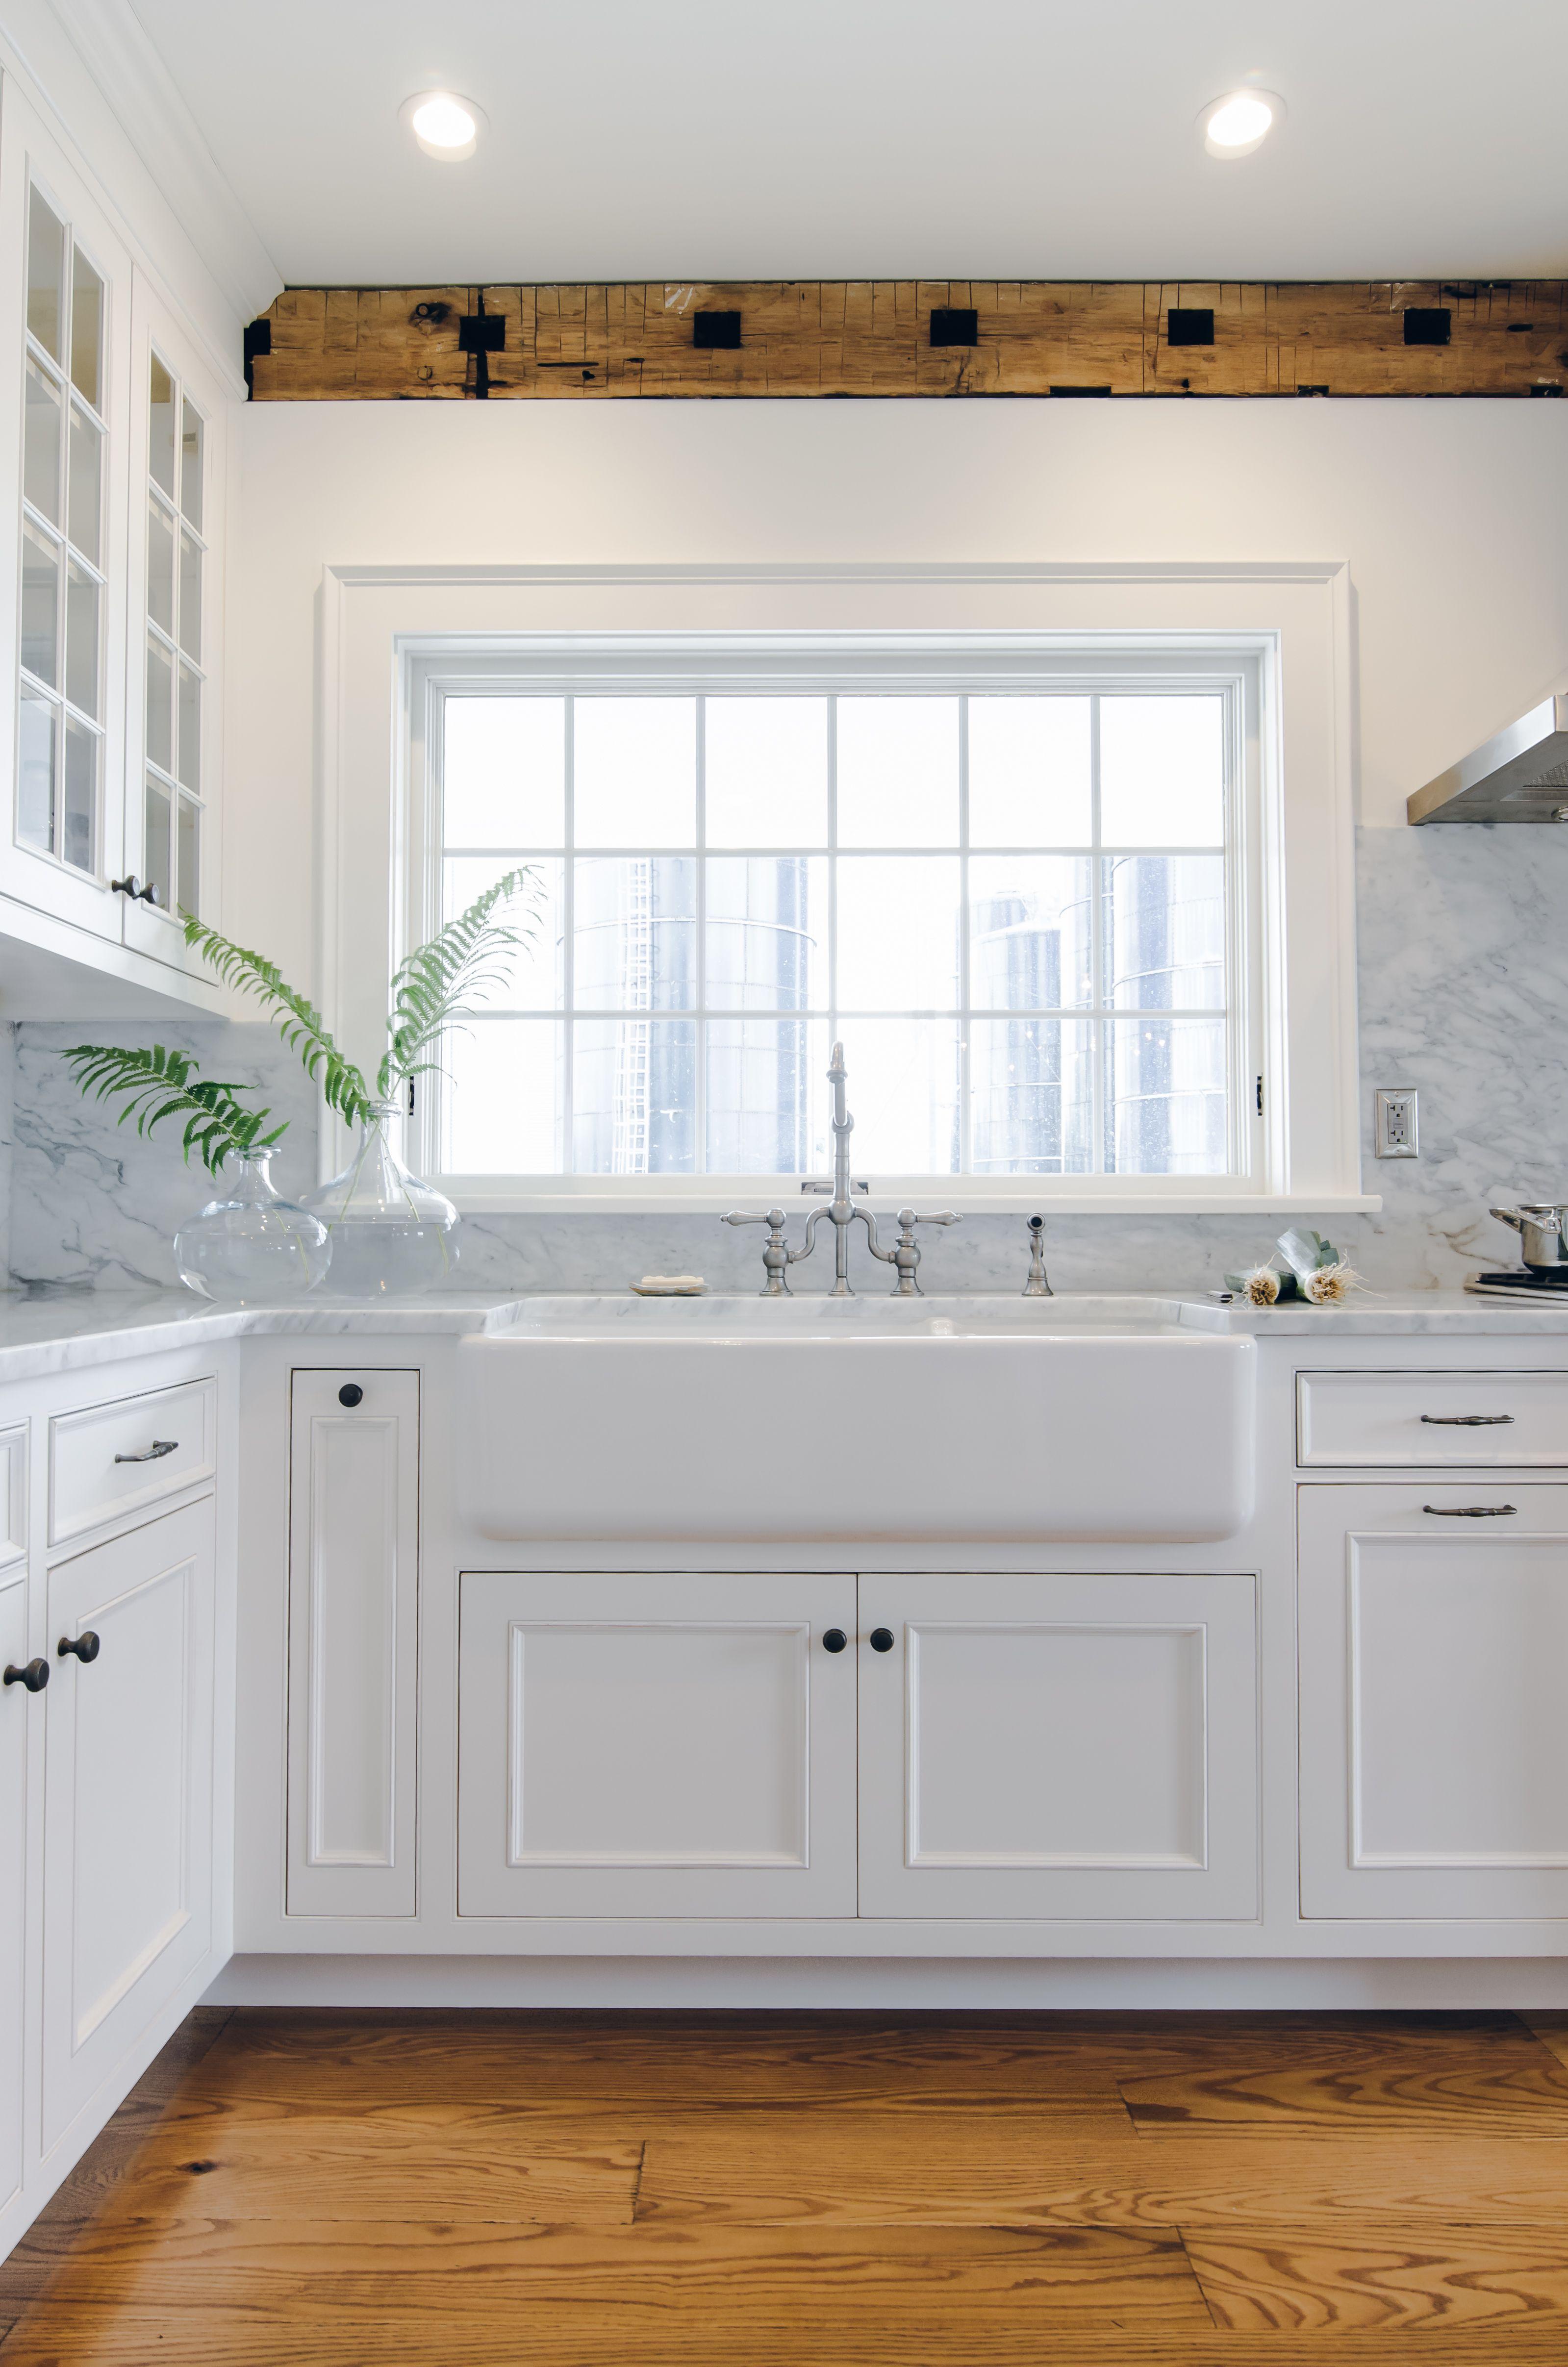 Classic White Kitchen Details The Working Kitchen Ltd